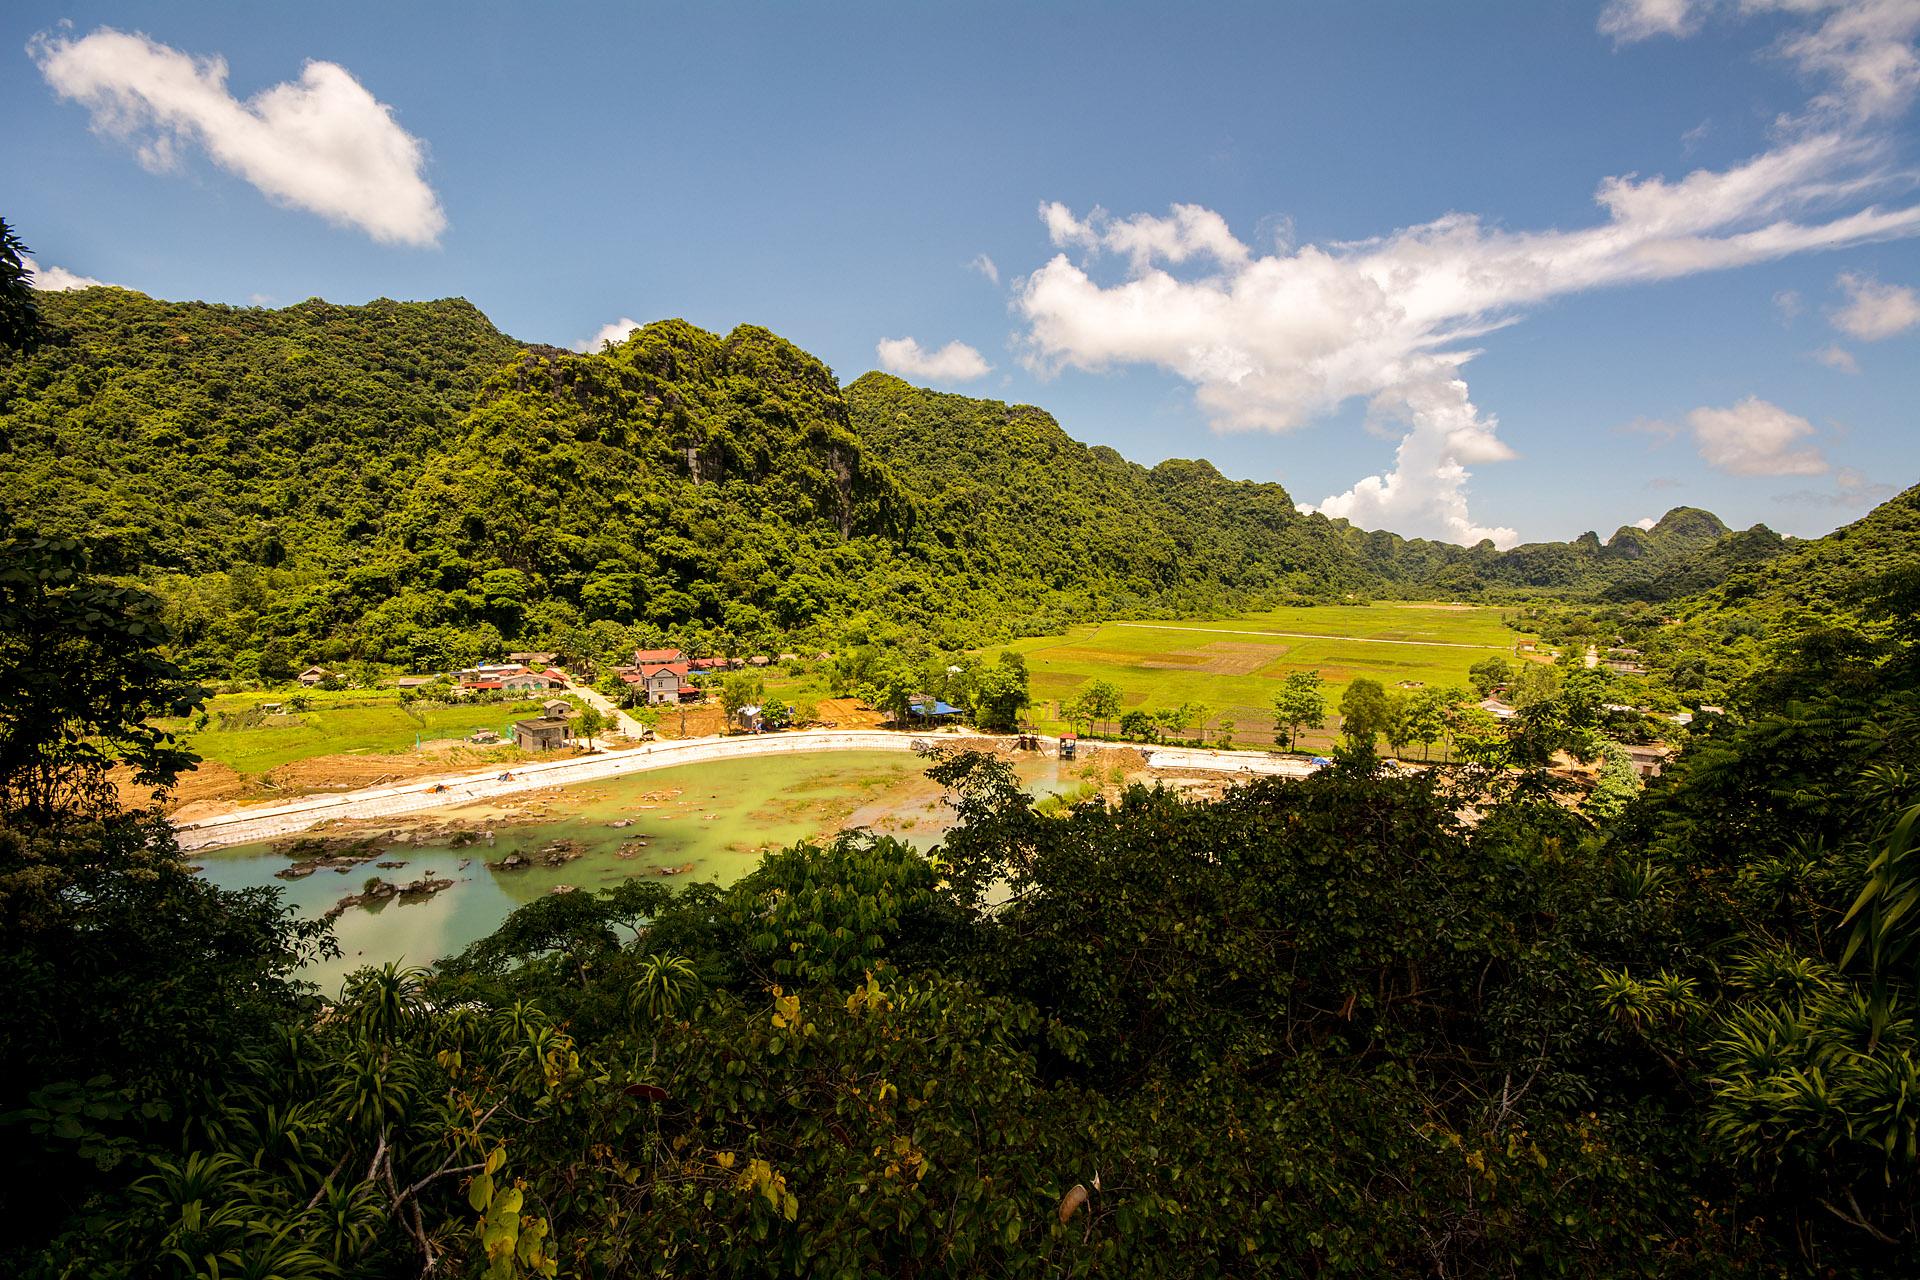 Veit Hai village